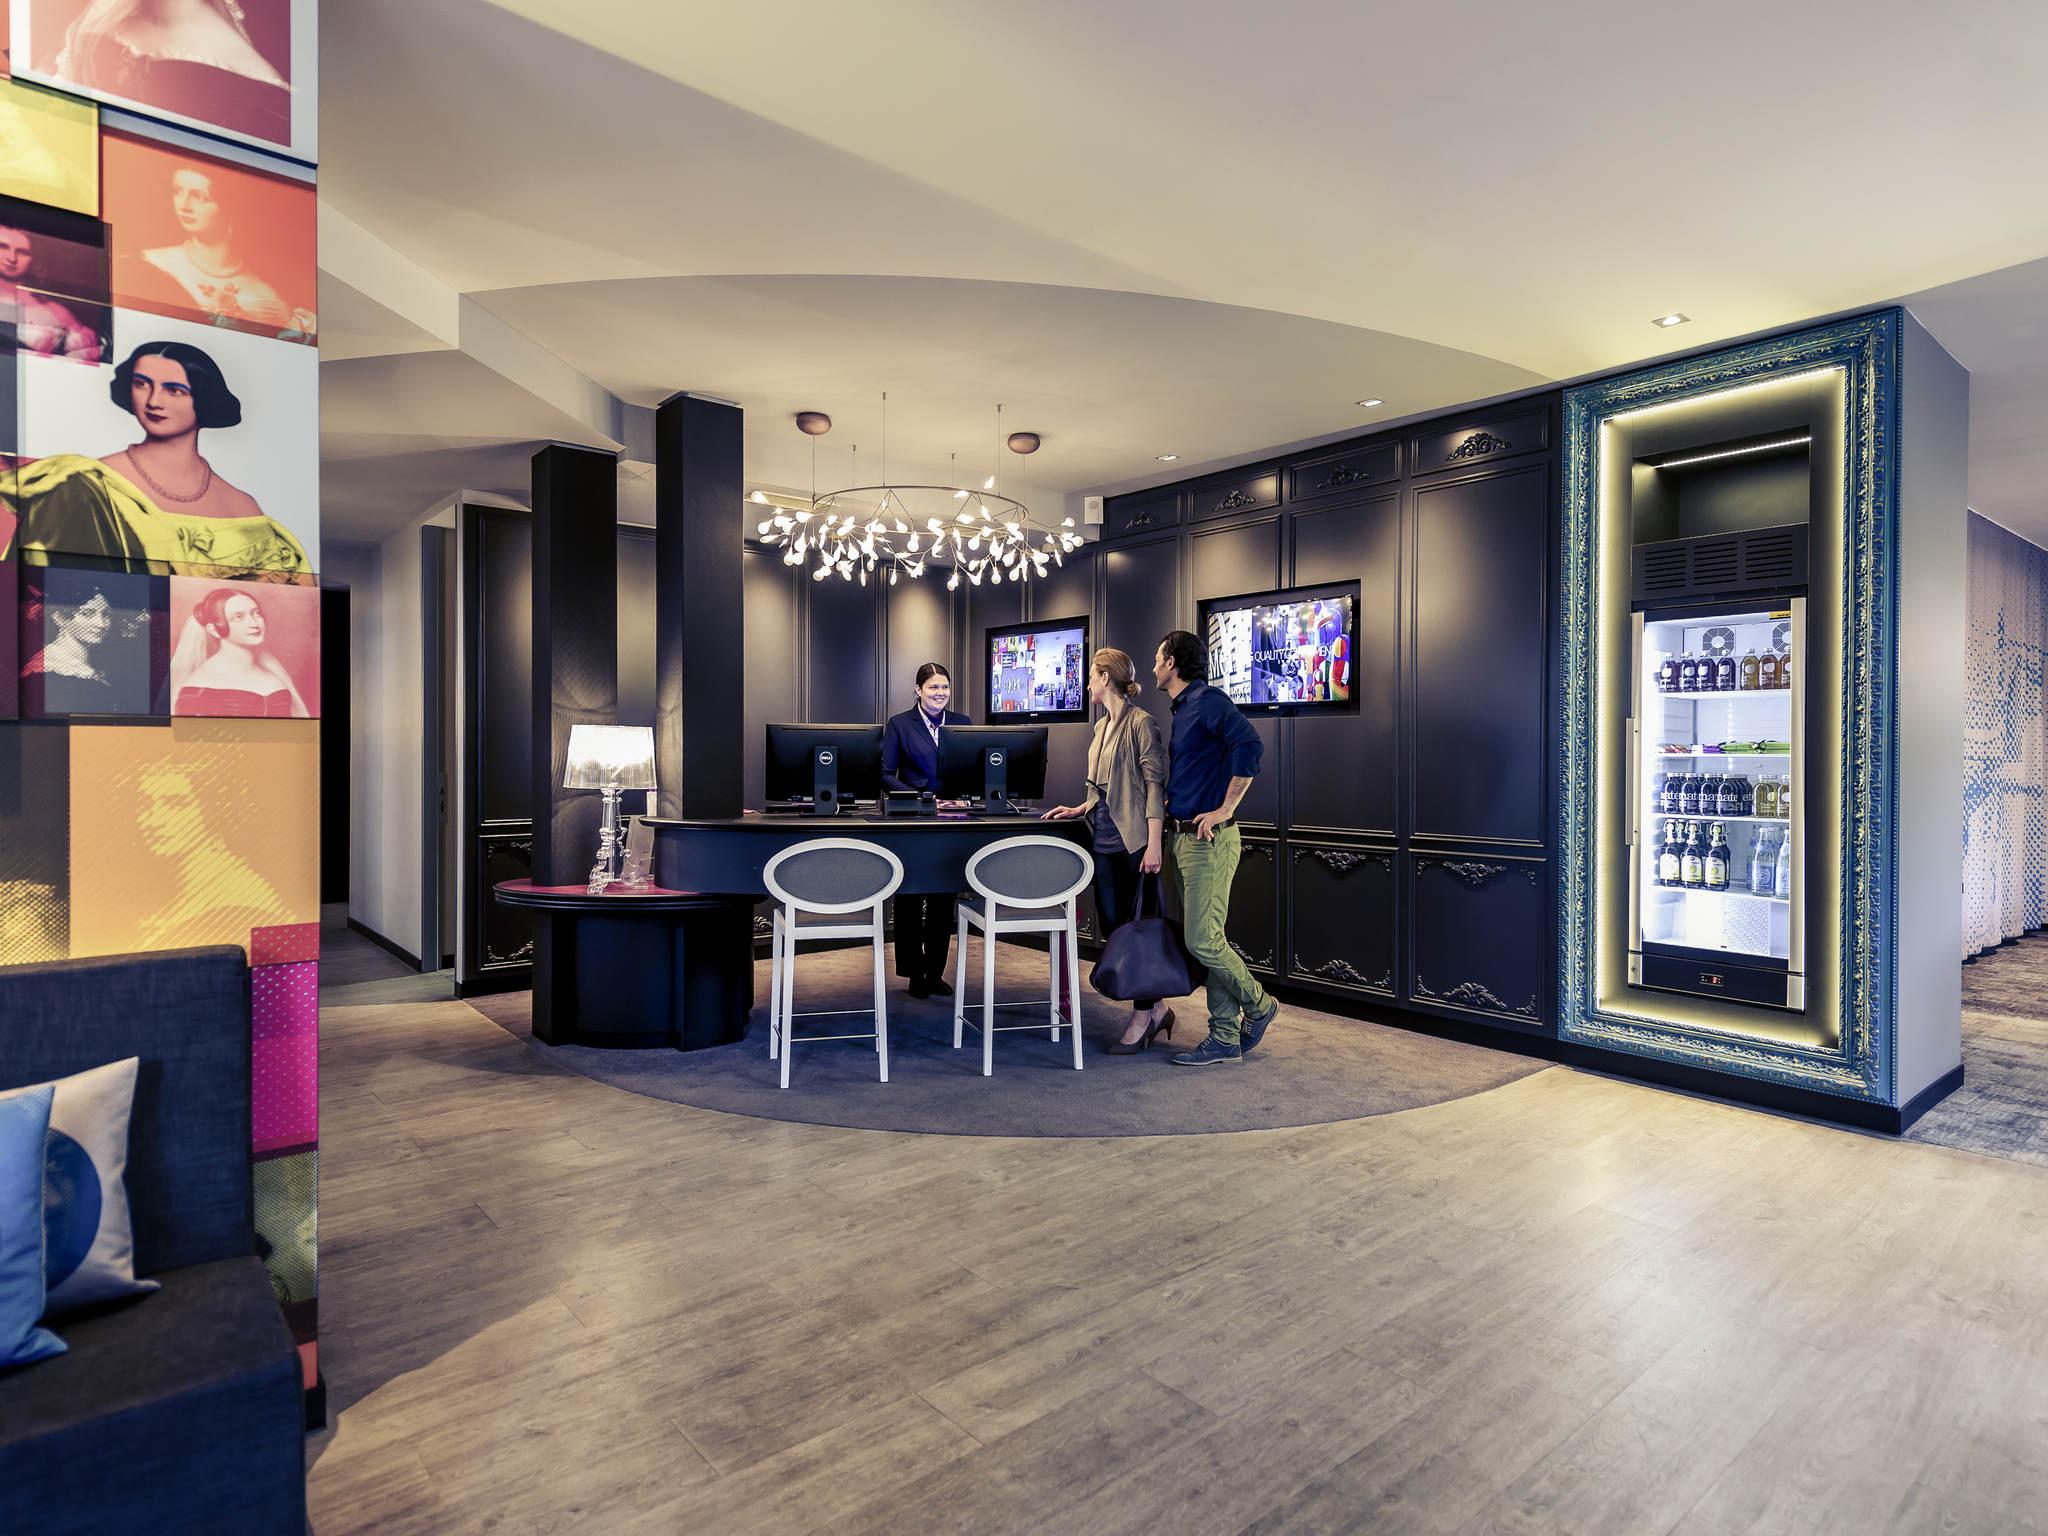 Otel – Mercure Hotel Muenchen am Olympiapark